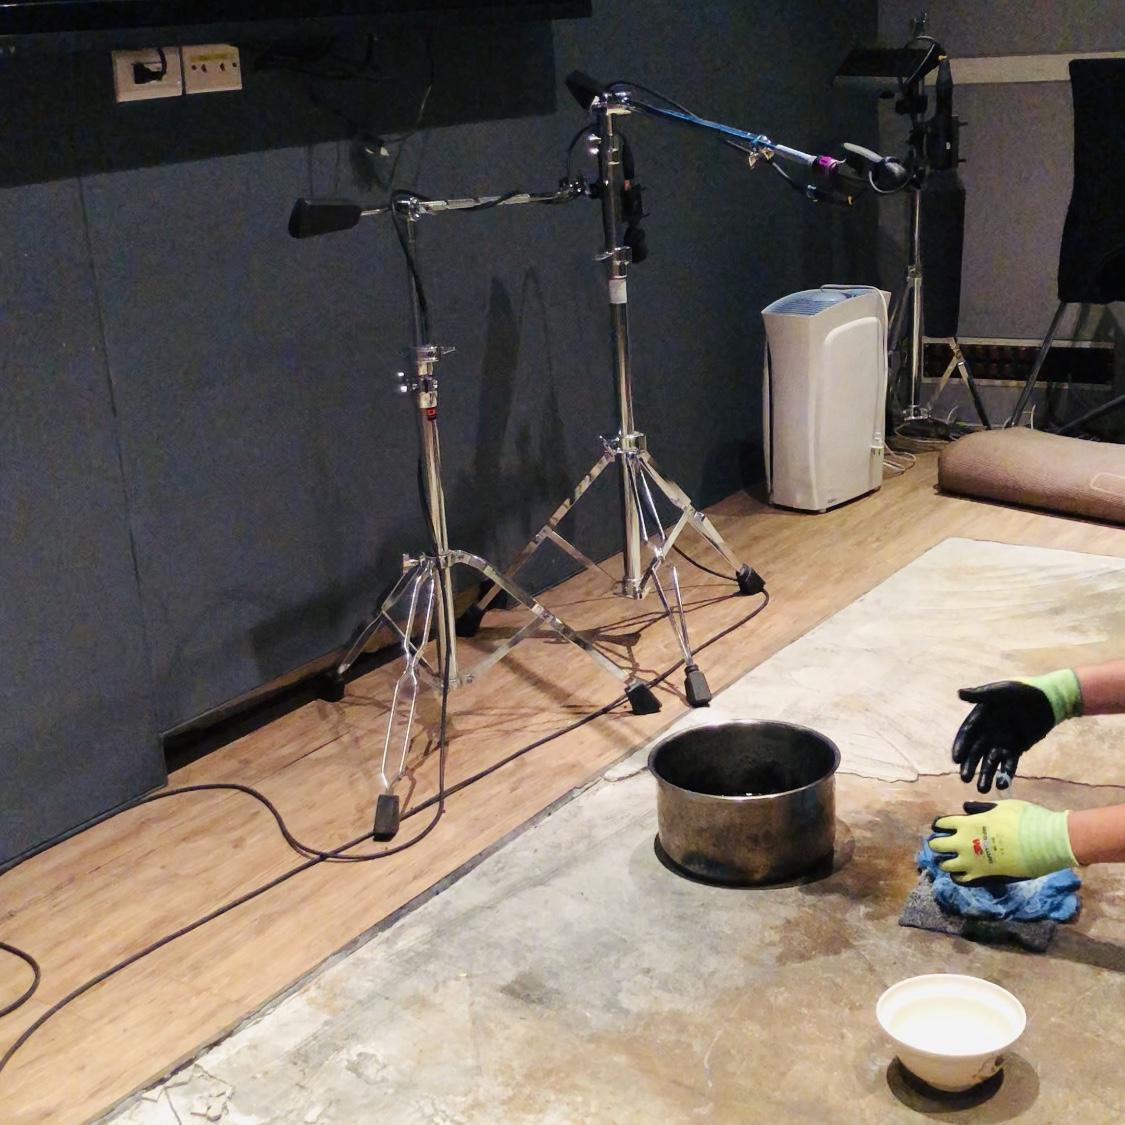 Foley道具(照片提供:好多聲音)s_2D1E047CFE87C0FBF8C10BFDBA3B762C83560FF6F19C6E0FAB13F14E87C7335D_1544675916598_Foley03